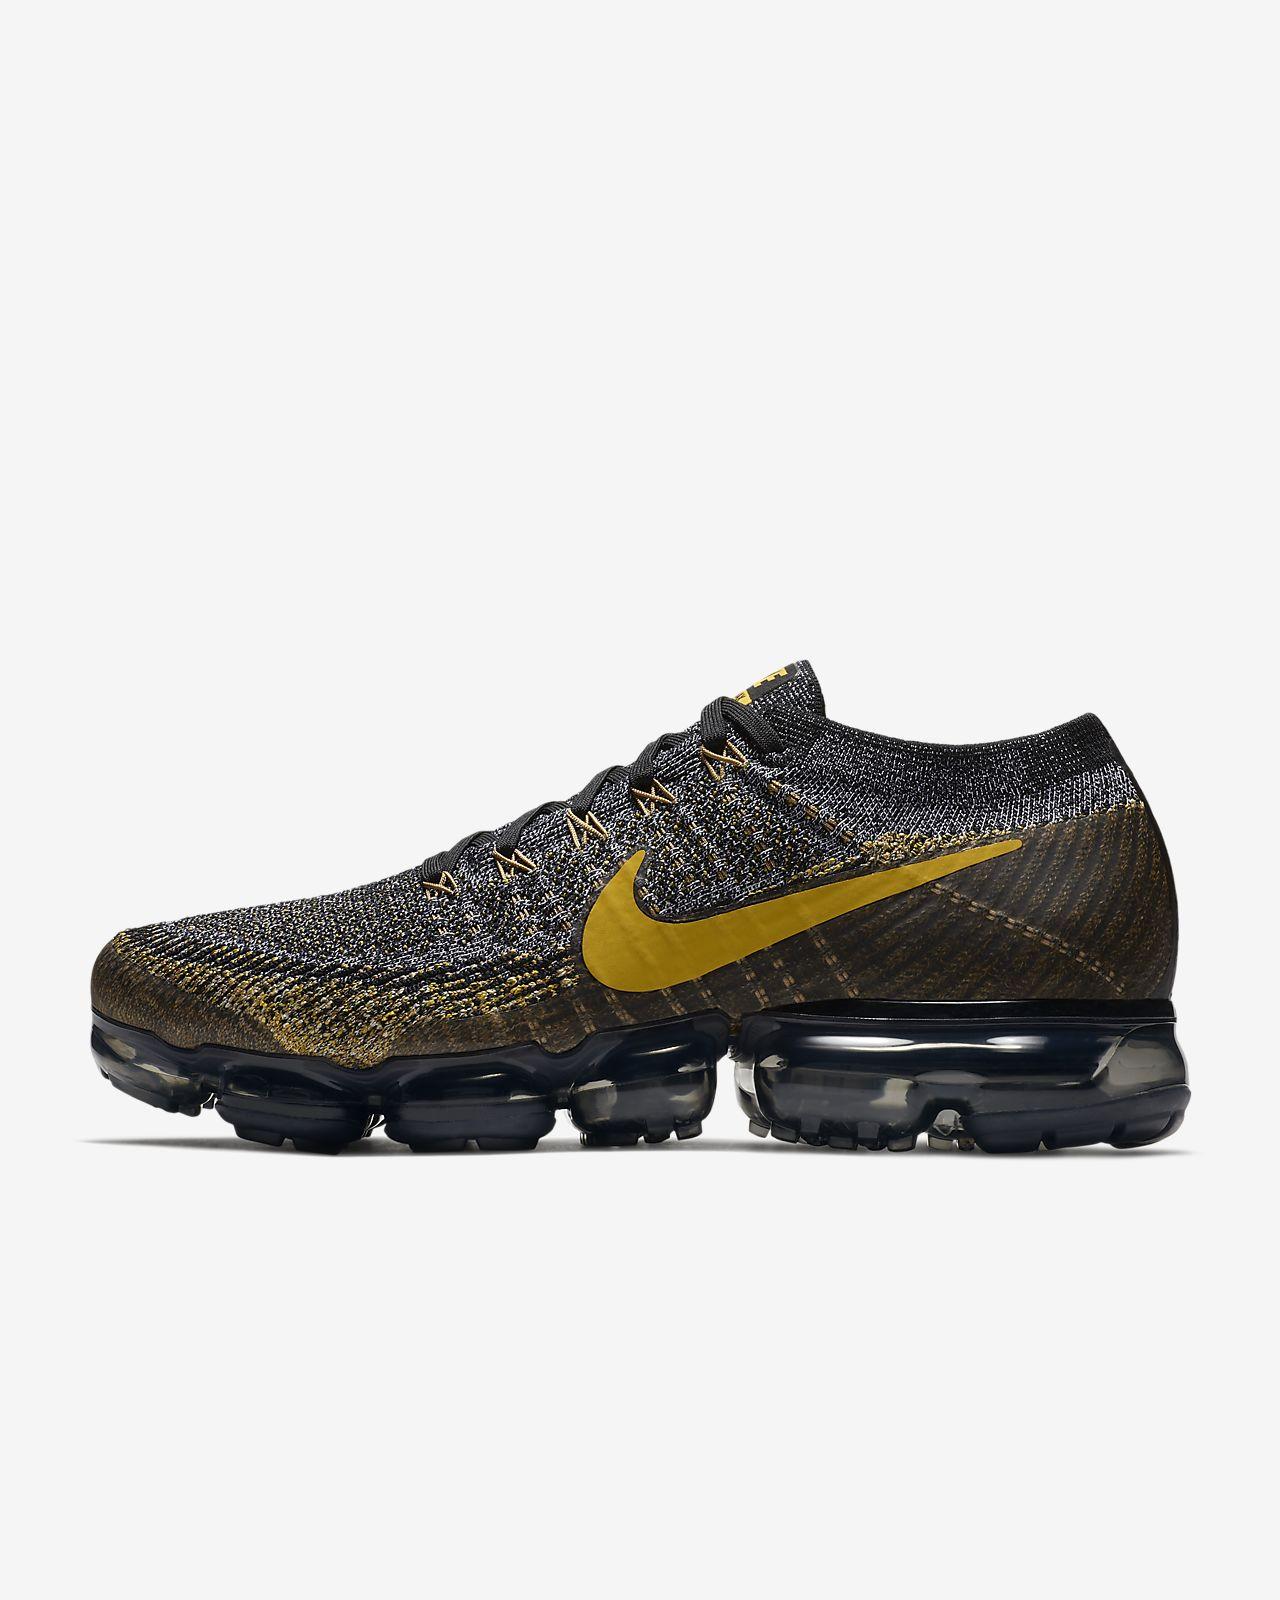 c4ca5217867 chaussure running nike Sale